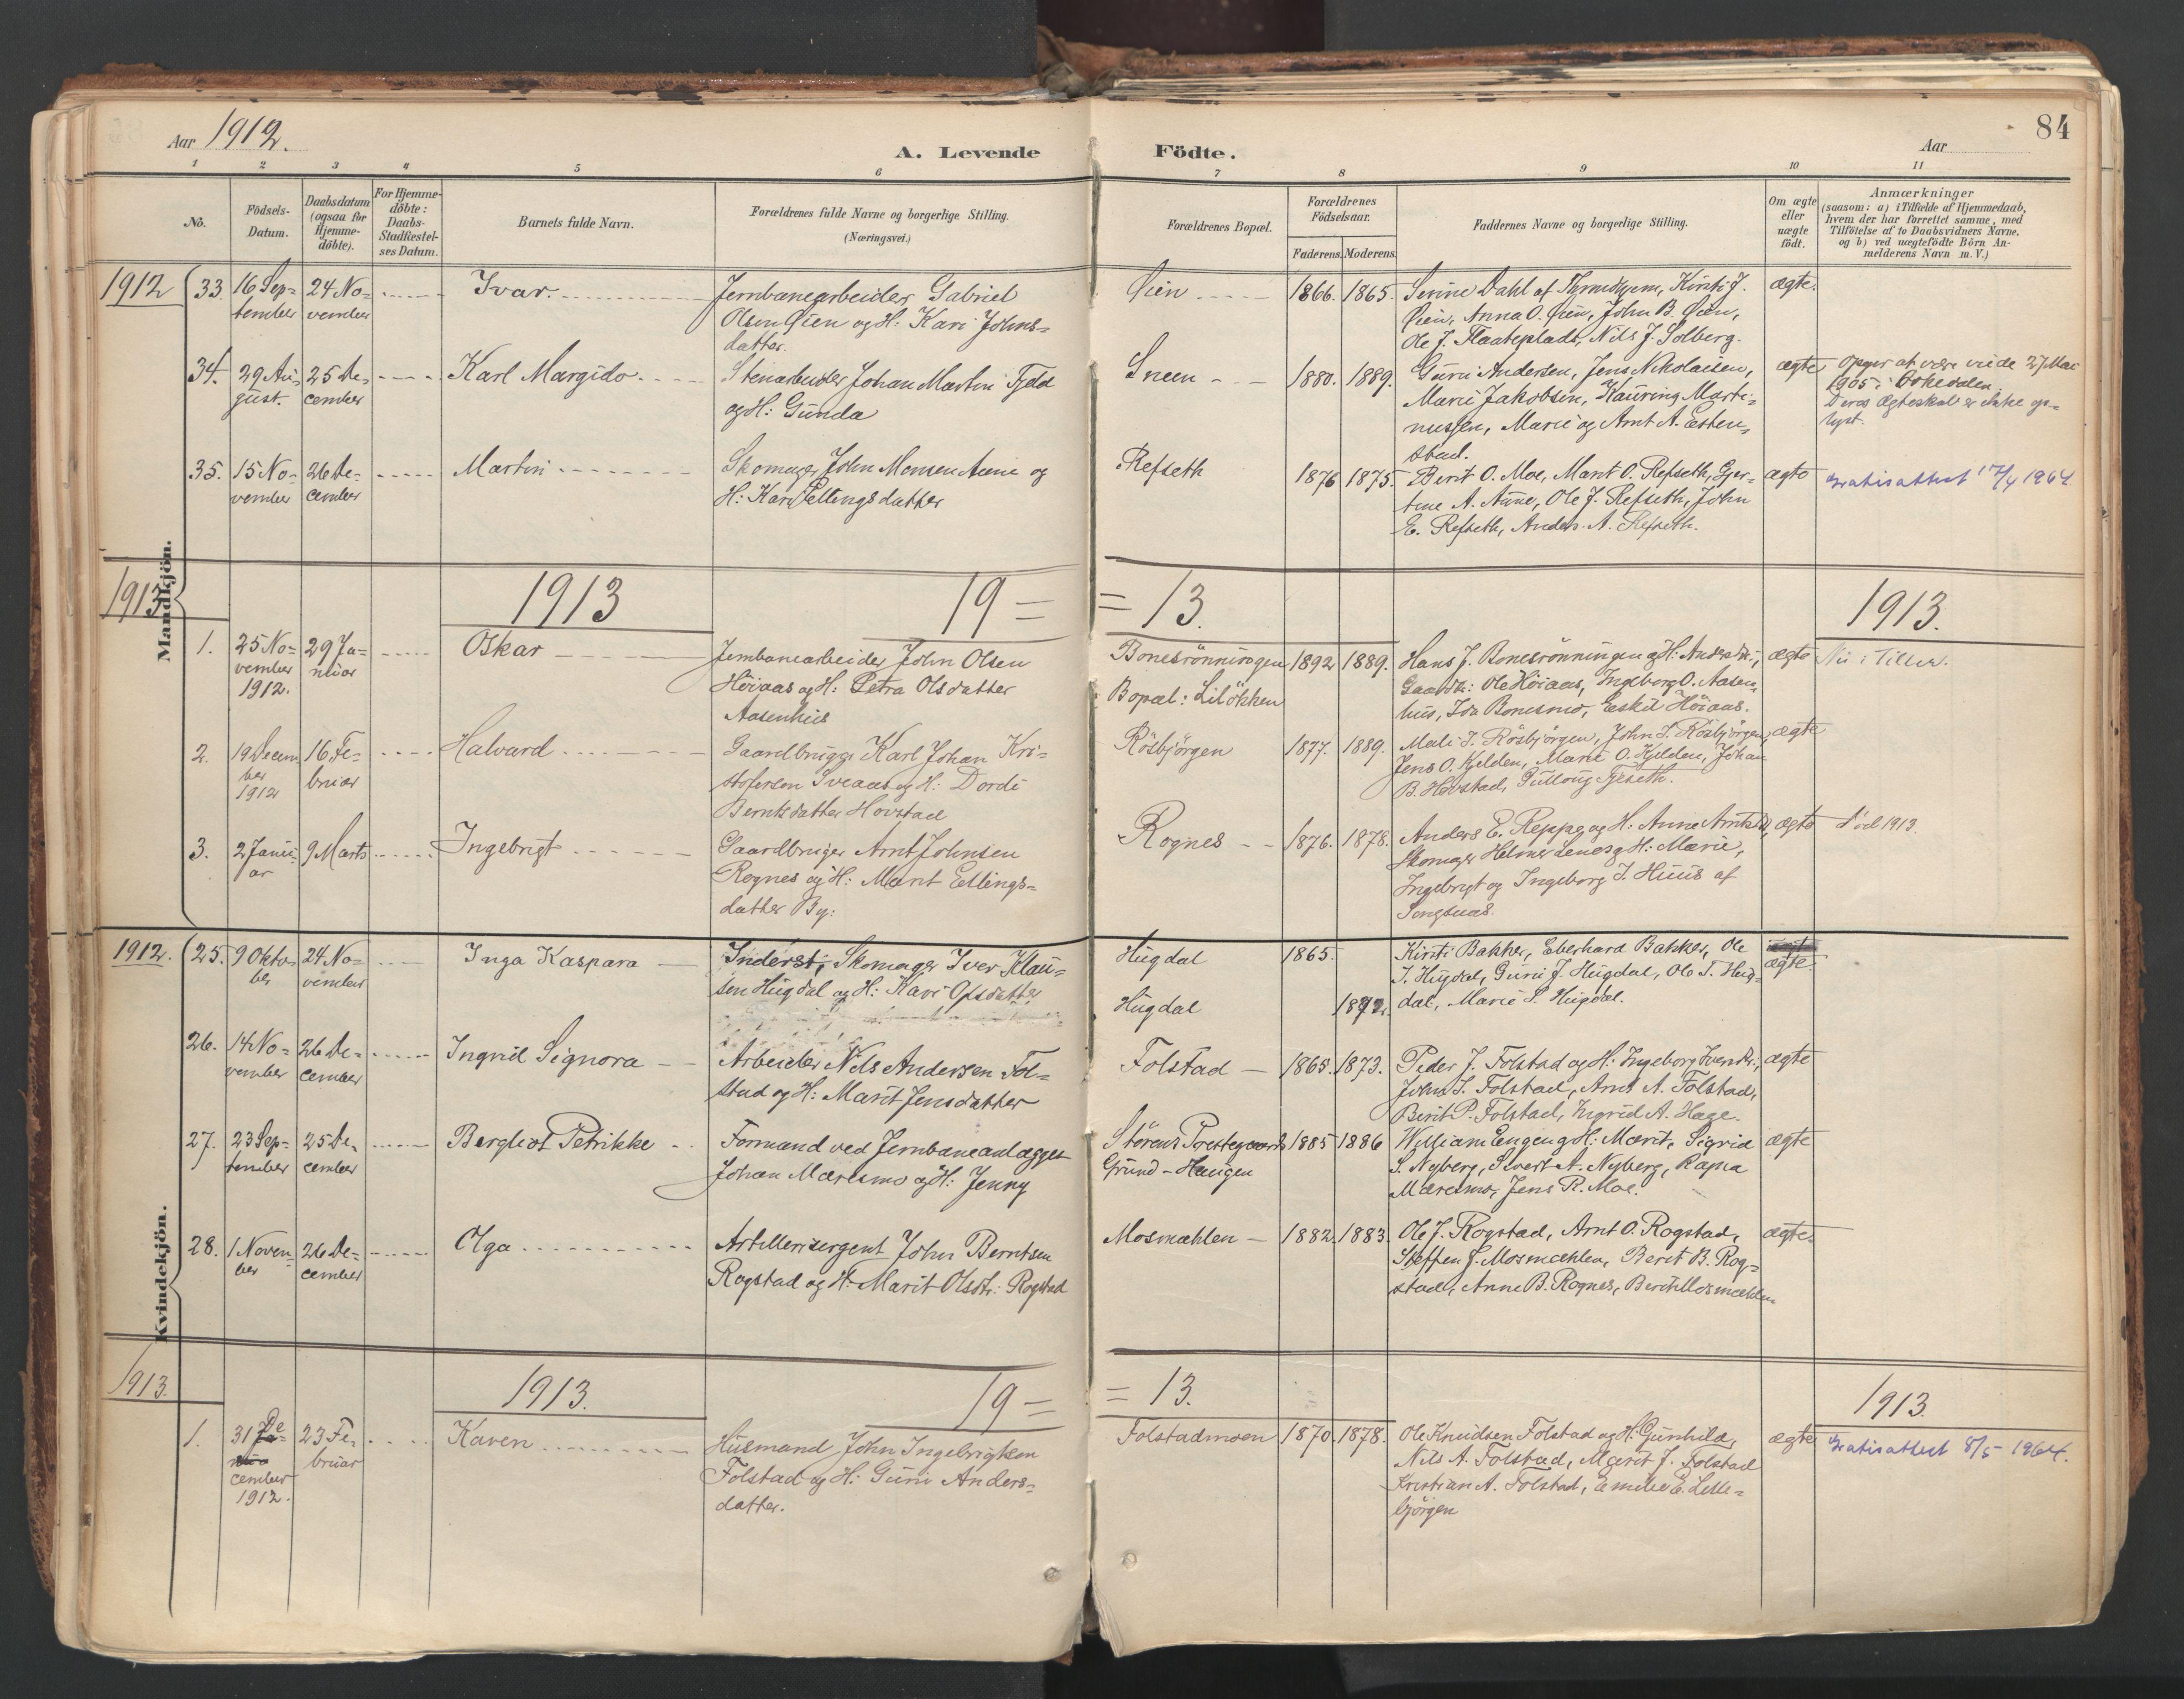 SAT, Ministerialprotokoller, klokkerbøker og fødselsregistre - Sør-Trøndelag, 687/L1004: Ministerialbok nr. 687A10, 1891-1923, s. 84